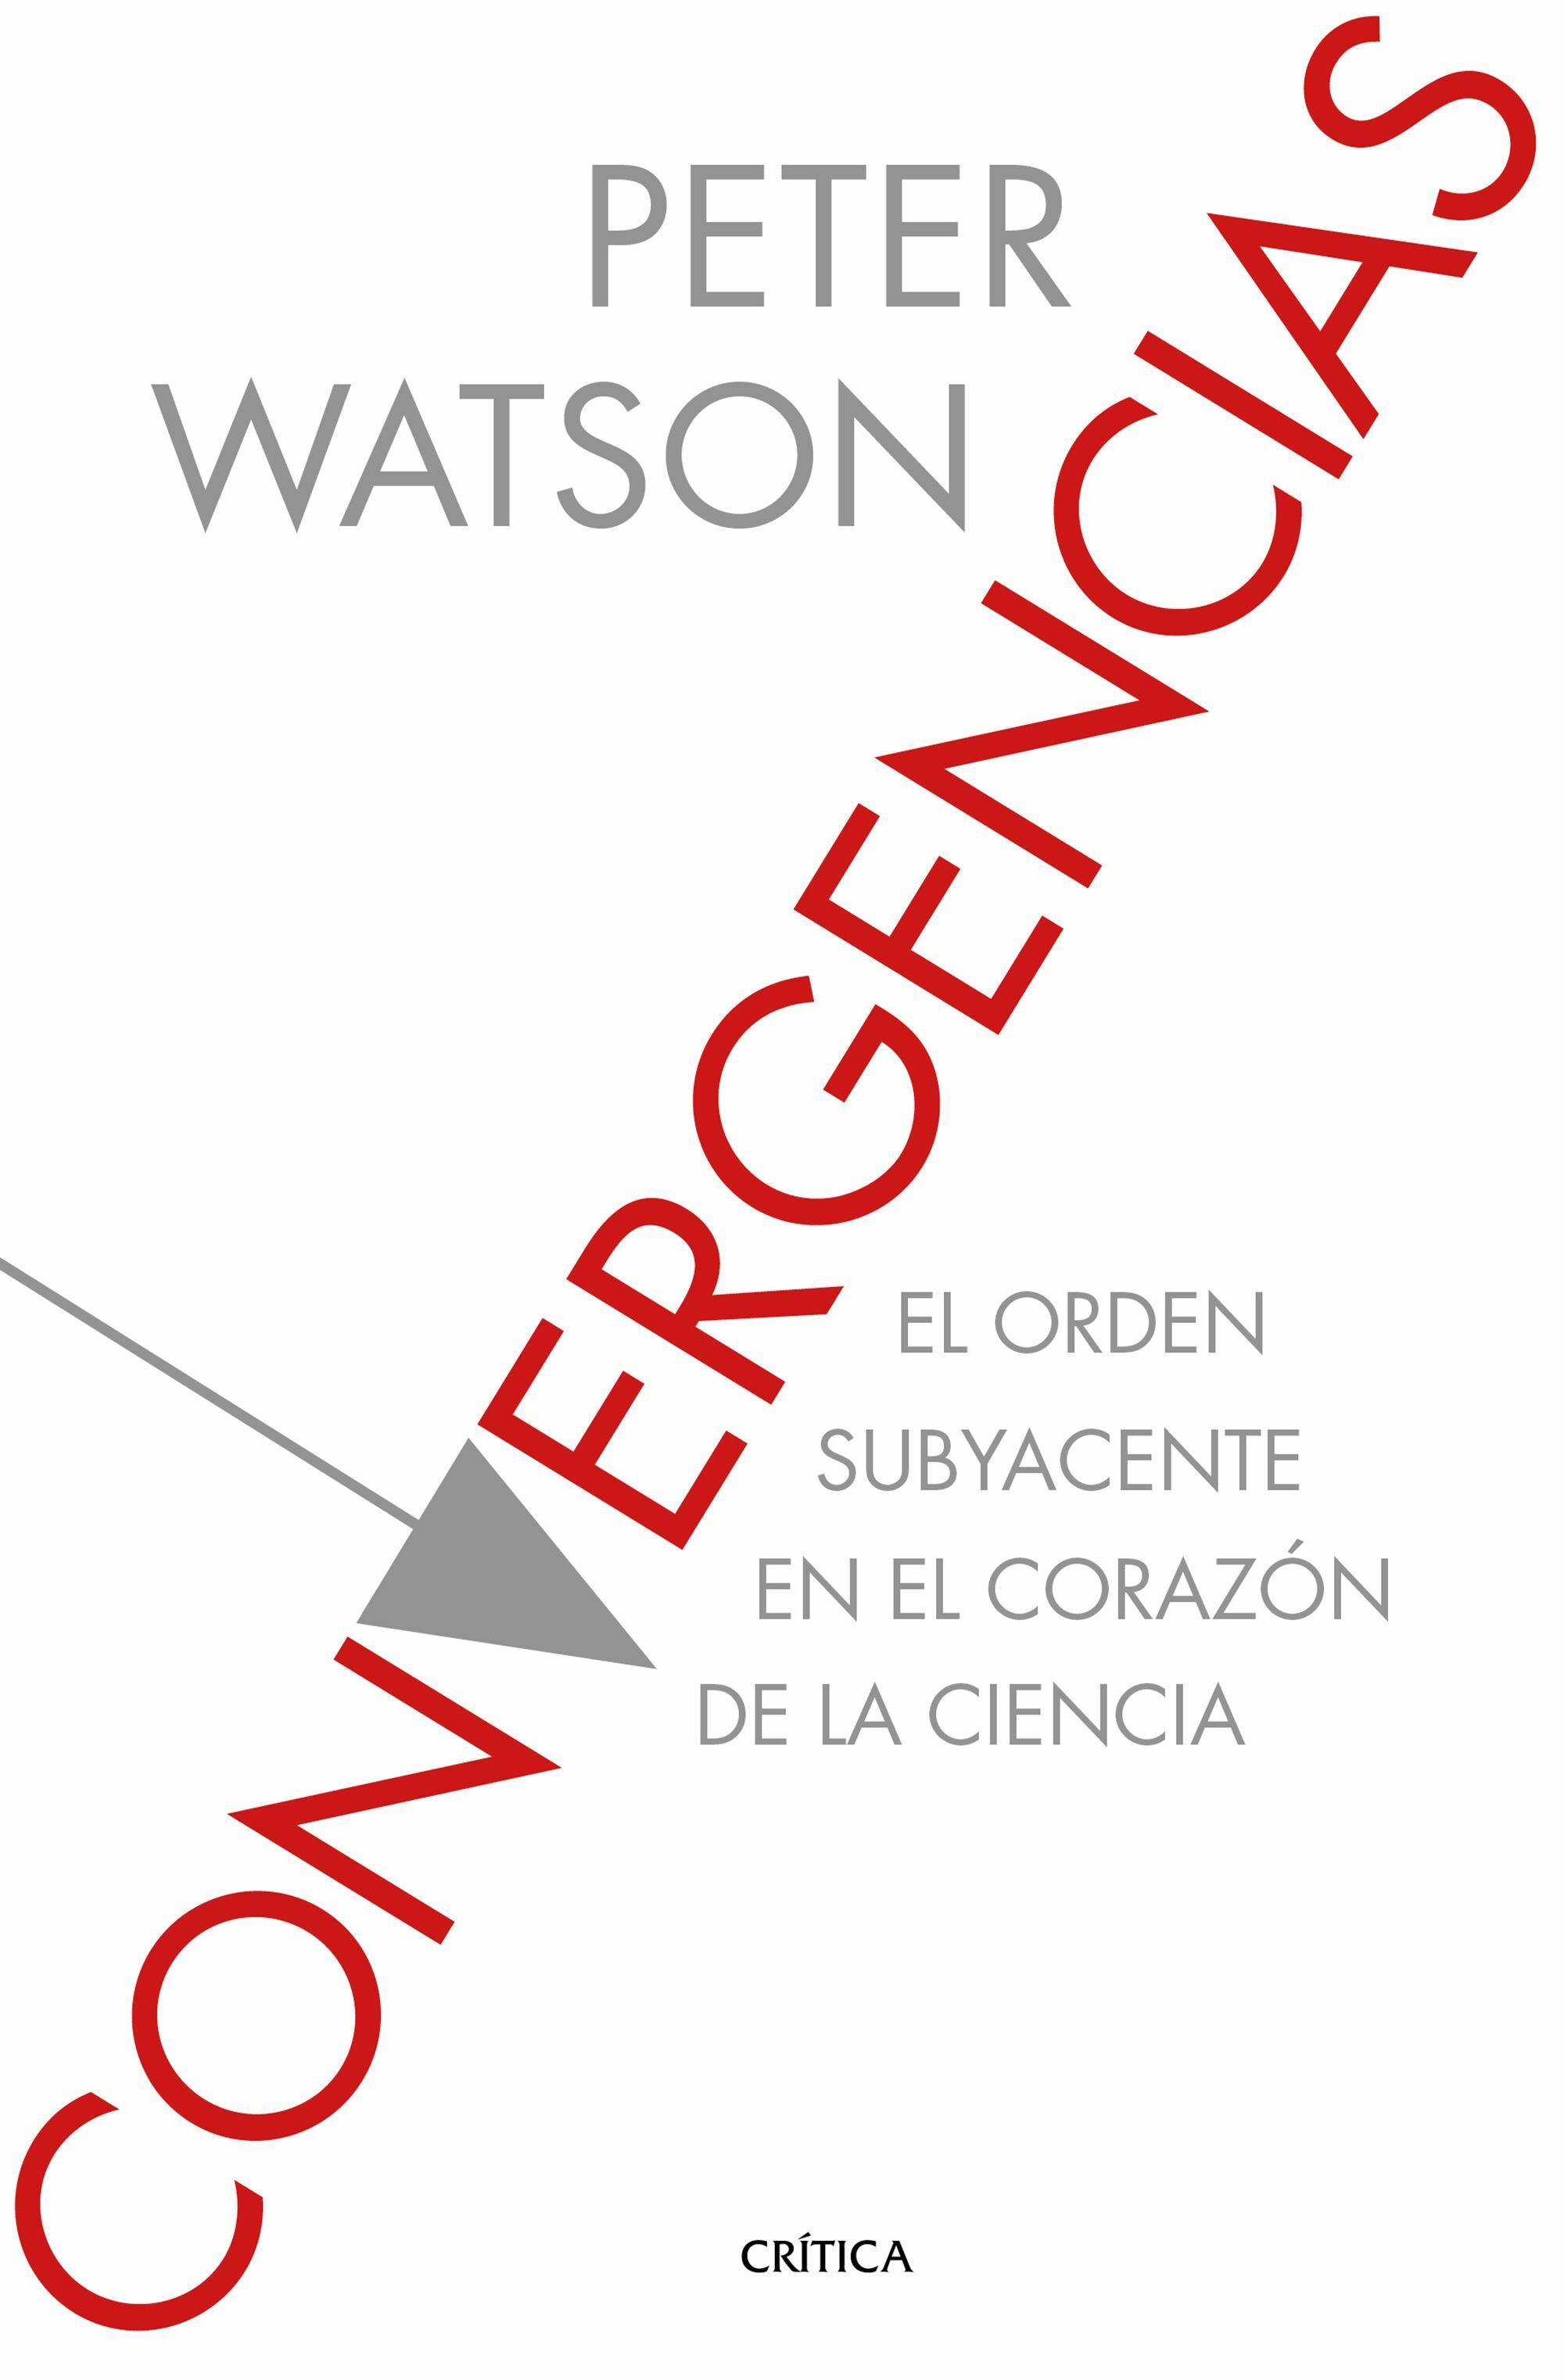 convergencias: el orden subyacente en el corazon de la ciencia-peter watson-9788416771967